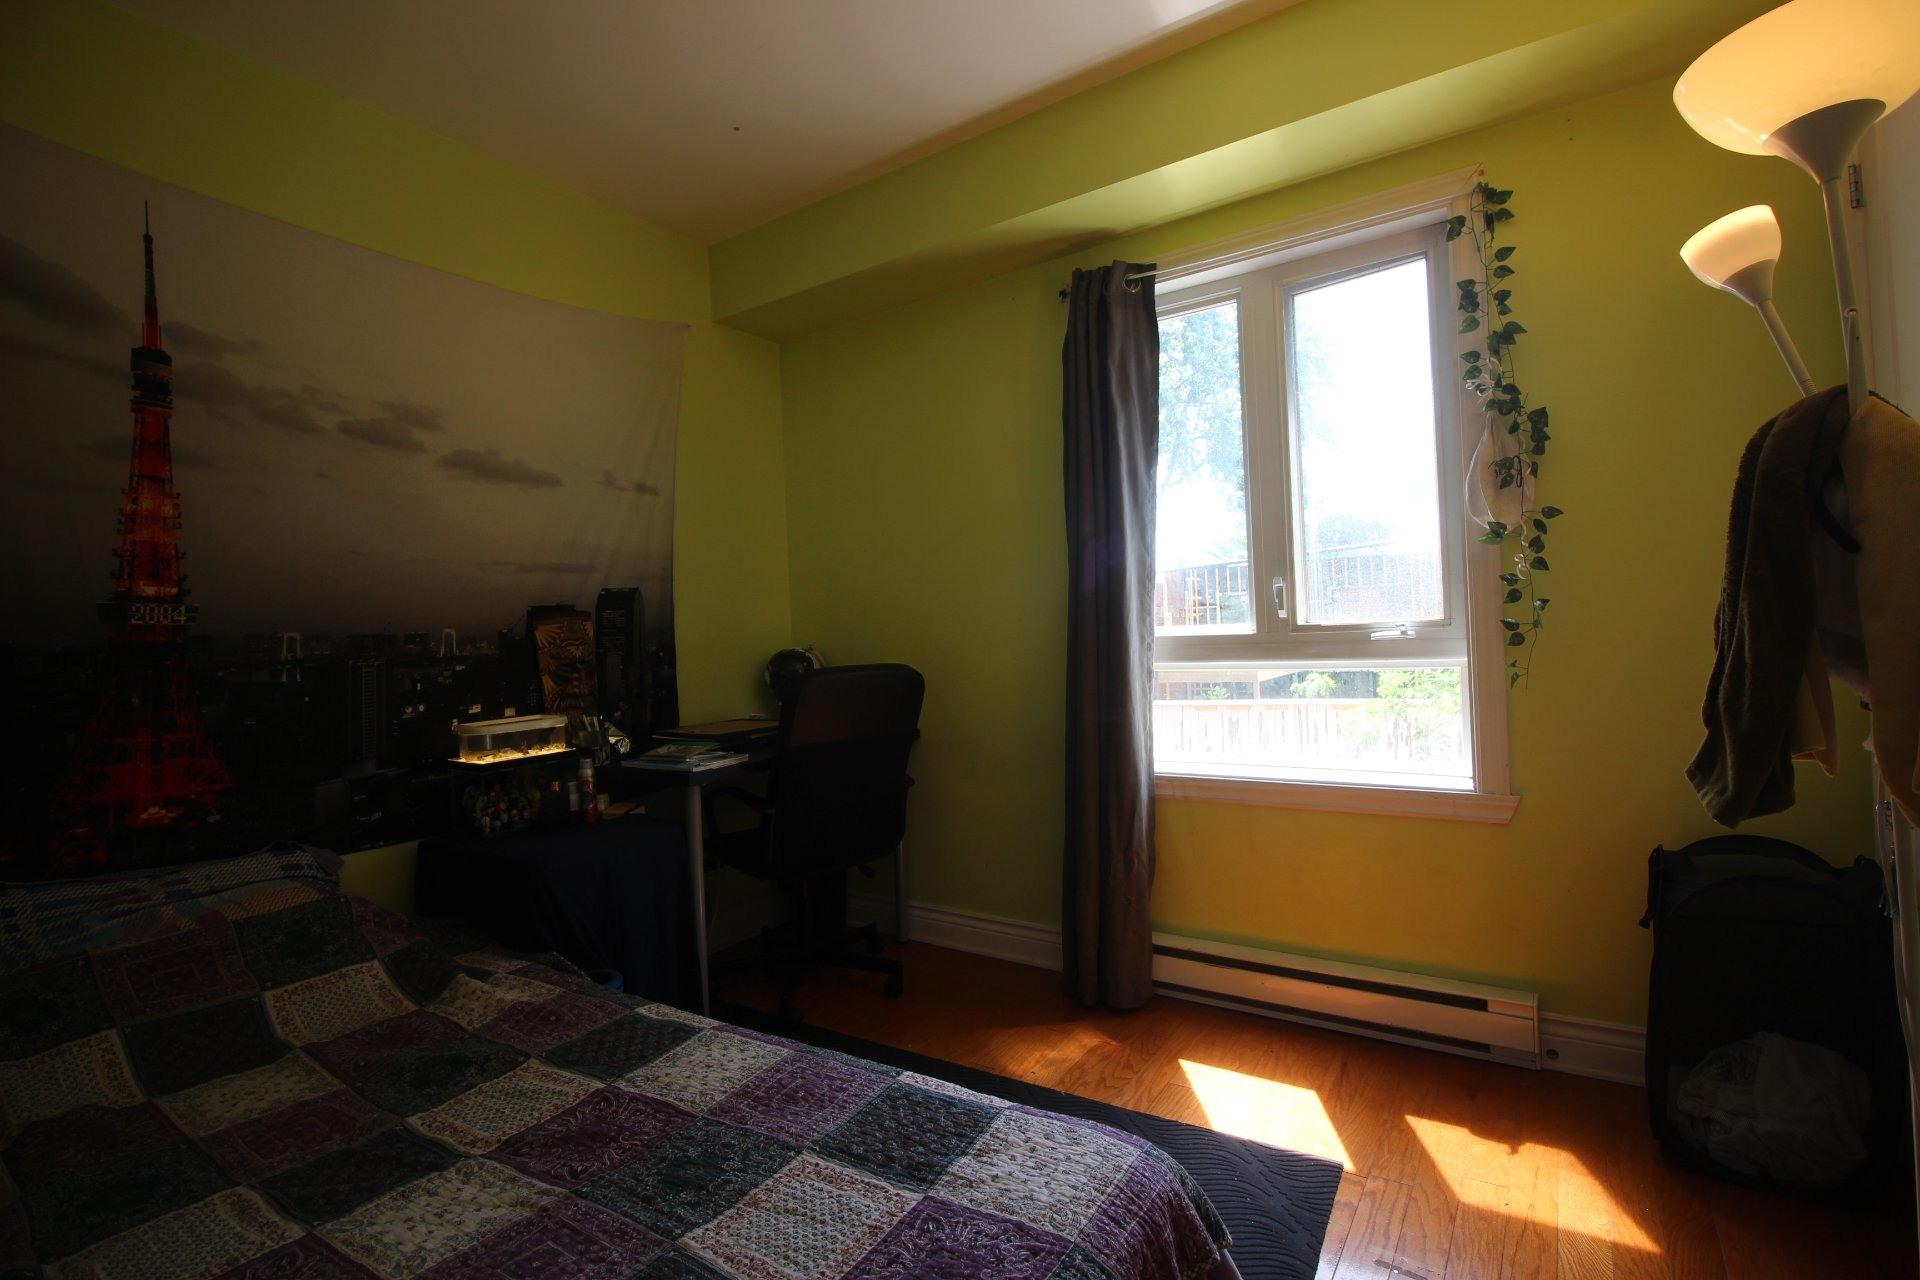 image 4 - Appartement À louer Verdun/Île-des-Soeurs Montréal  - 7 pièces